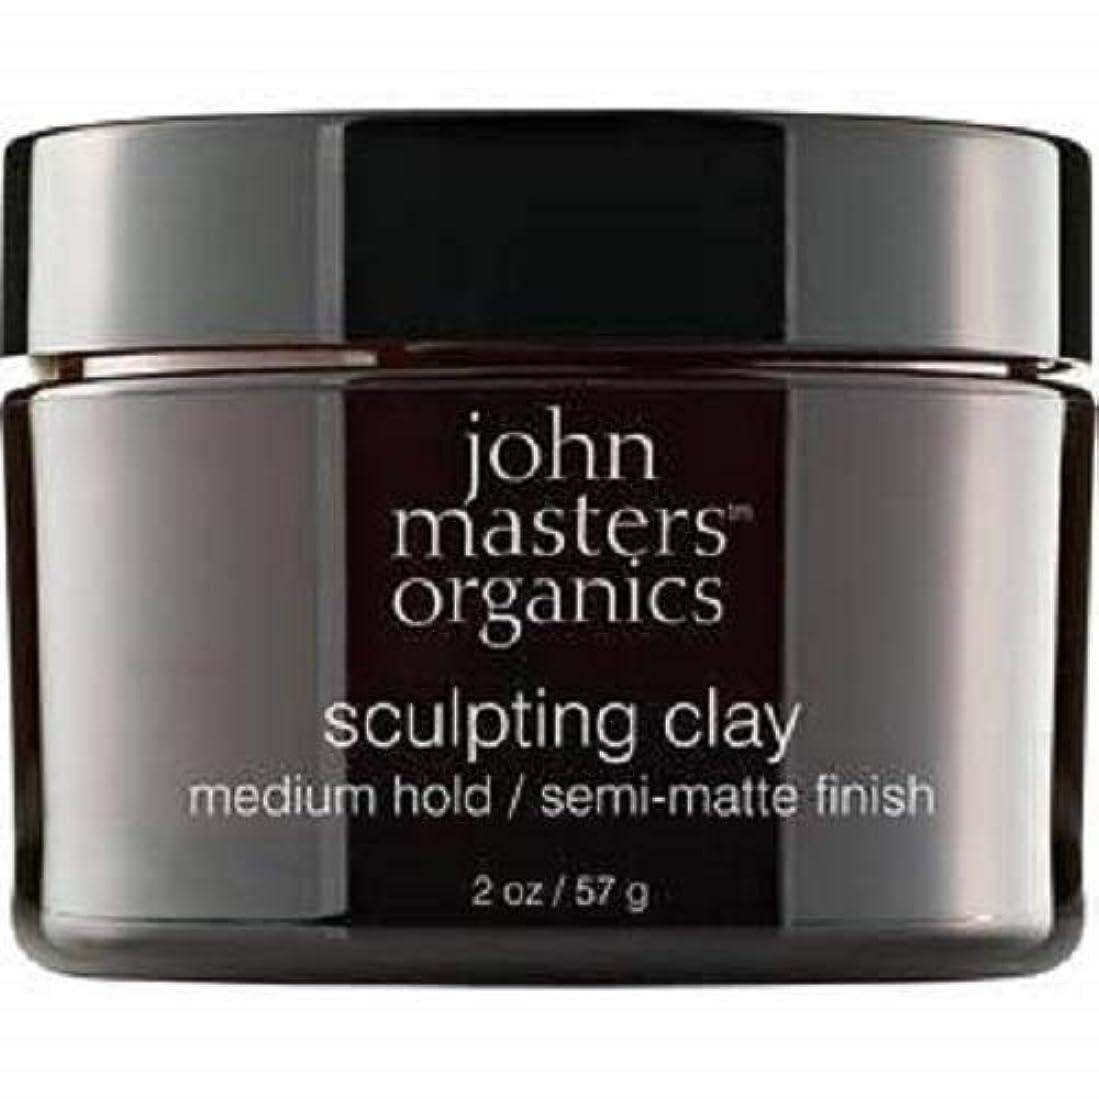 みなさんわがまま九John Masters Organics Sculpting Clay medium hold / semi-matt finish 2 OZ,57 g